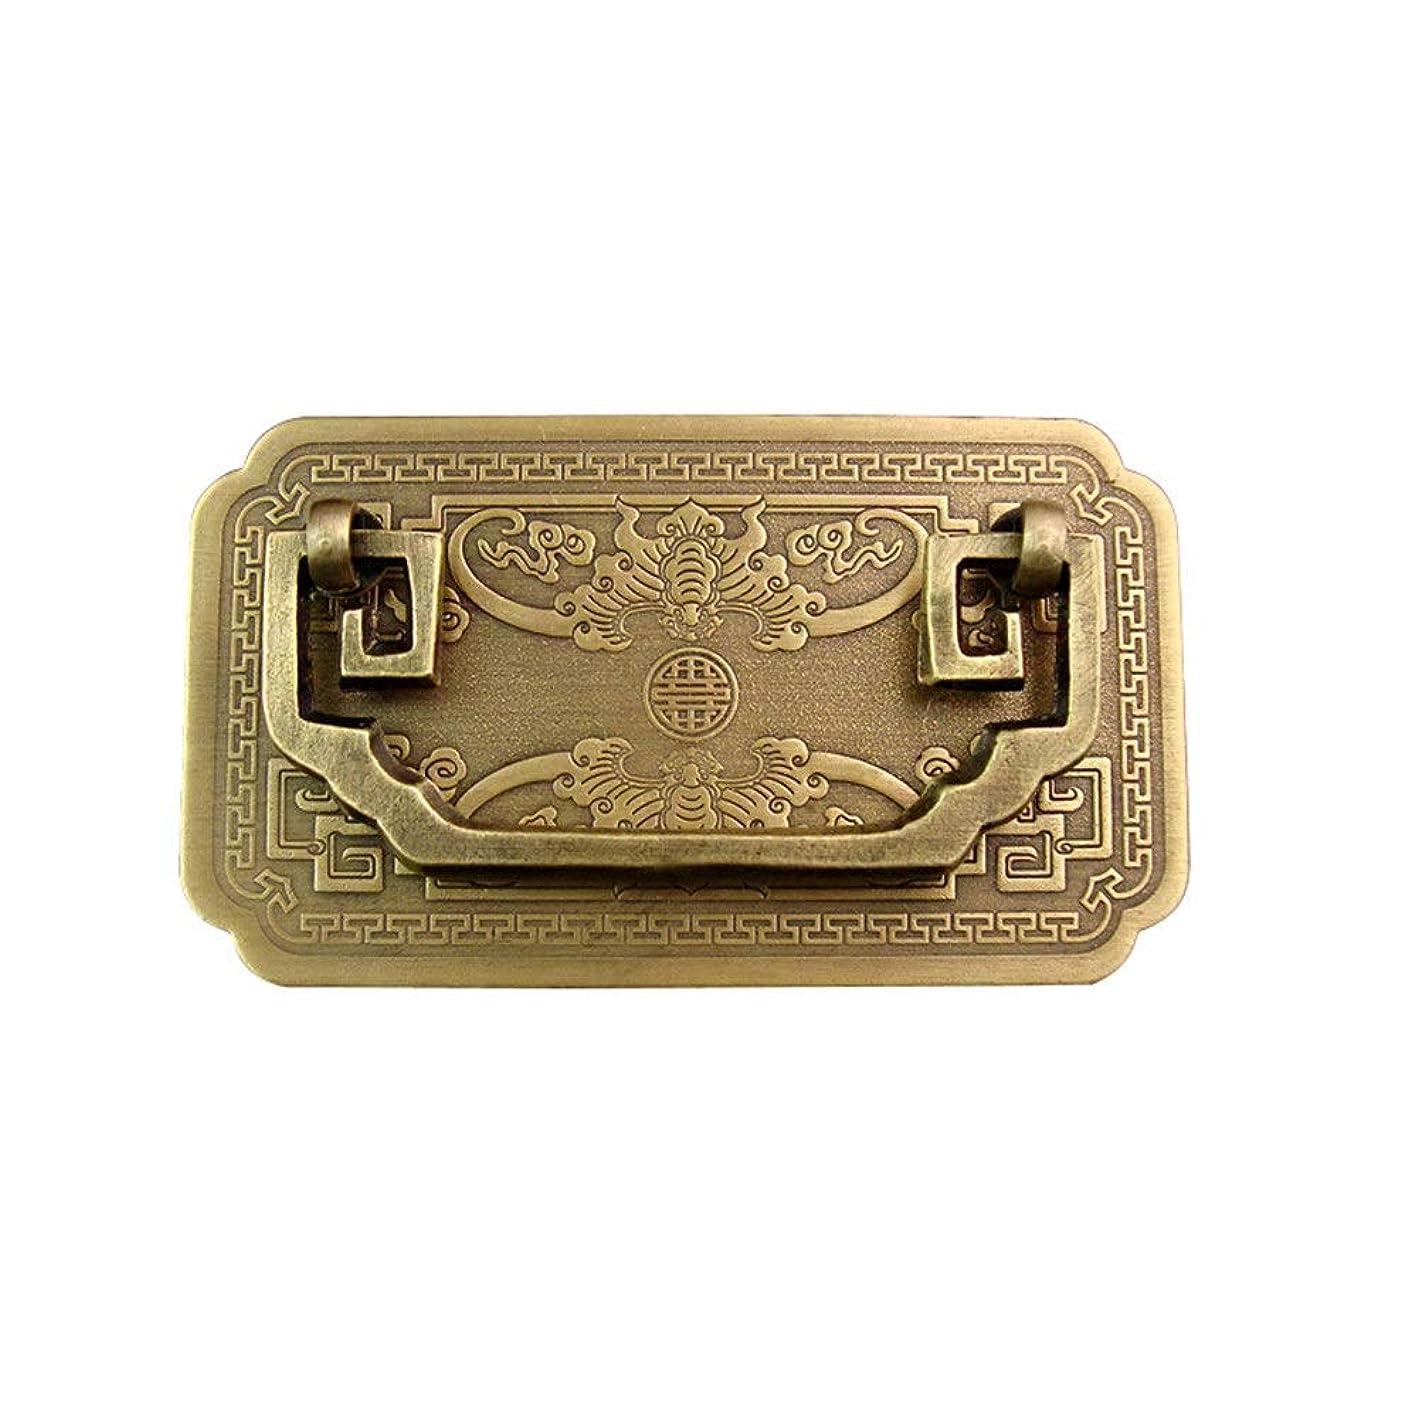 代わって動かない宣言ドアハンドル 繁体字中国語スタイルの家具用真鍮ハンドル、レトロヴィンテージクラシックアンティークブロンズキャビネットドア引き出しハンドル、ネジ込み このアームレストは、トイレ、キッチン、階段、バスルーム、ランドリールームで広く使用されています (Color : Antique bronze, Size : 10.5x6cm)